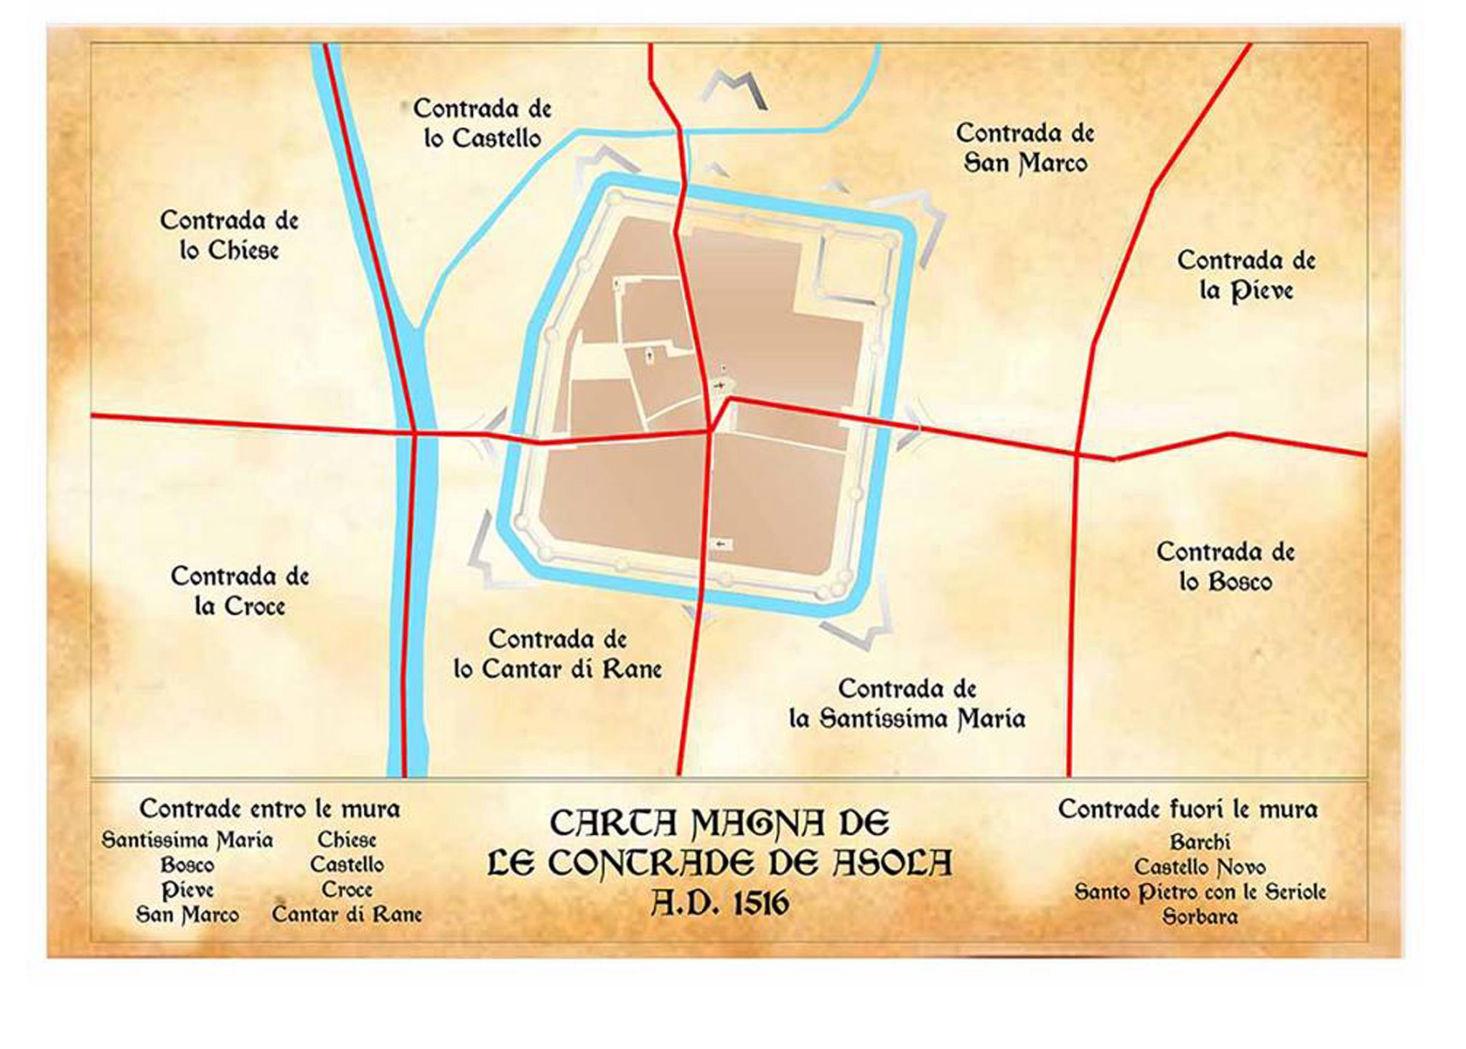 Mappa contrade Asola Ho fatto un sogno filastracca letturedikatja.com